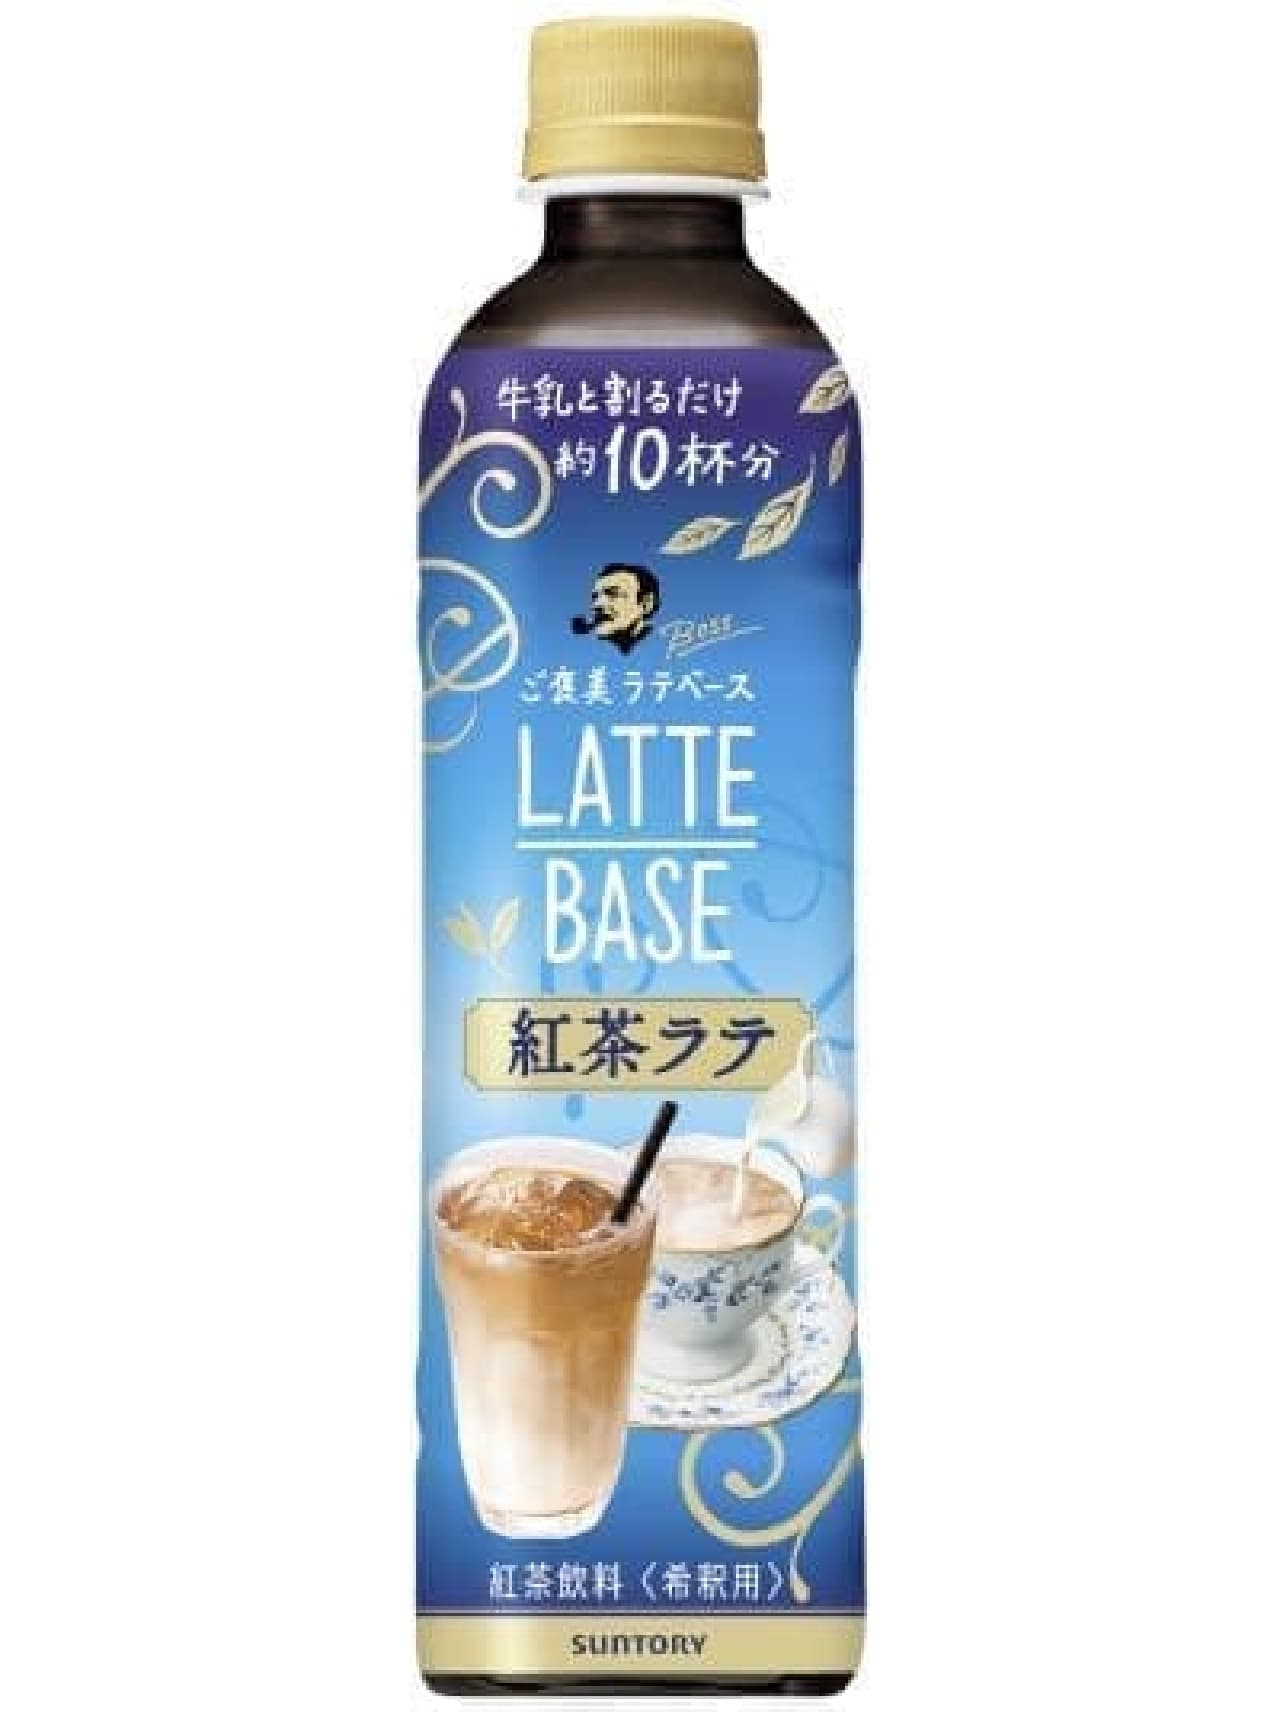 サントリー食品インターナショナル「ボス ラテベース 紅茶ラテ」